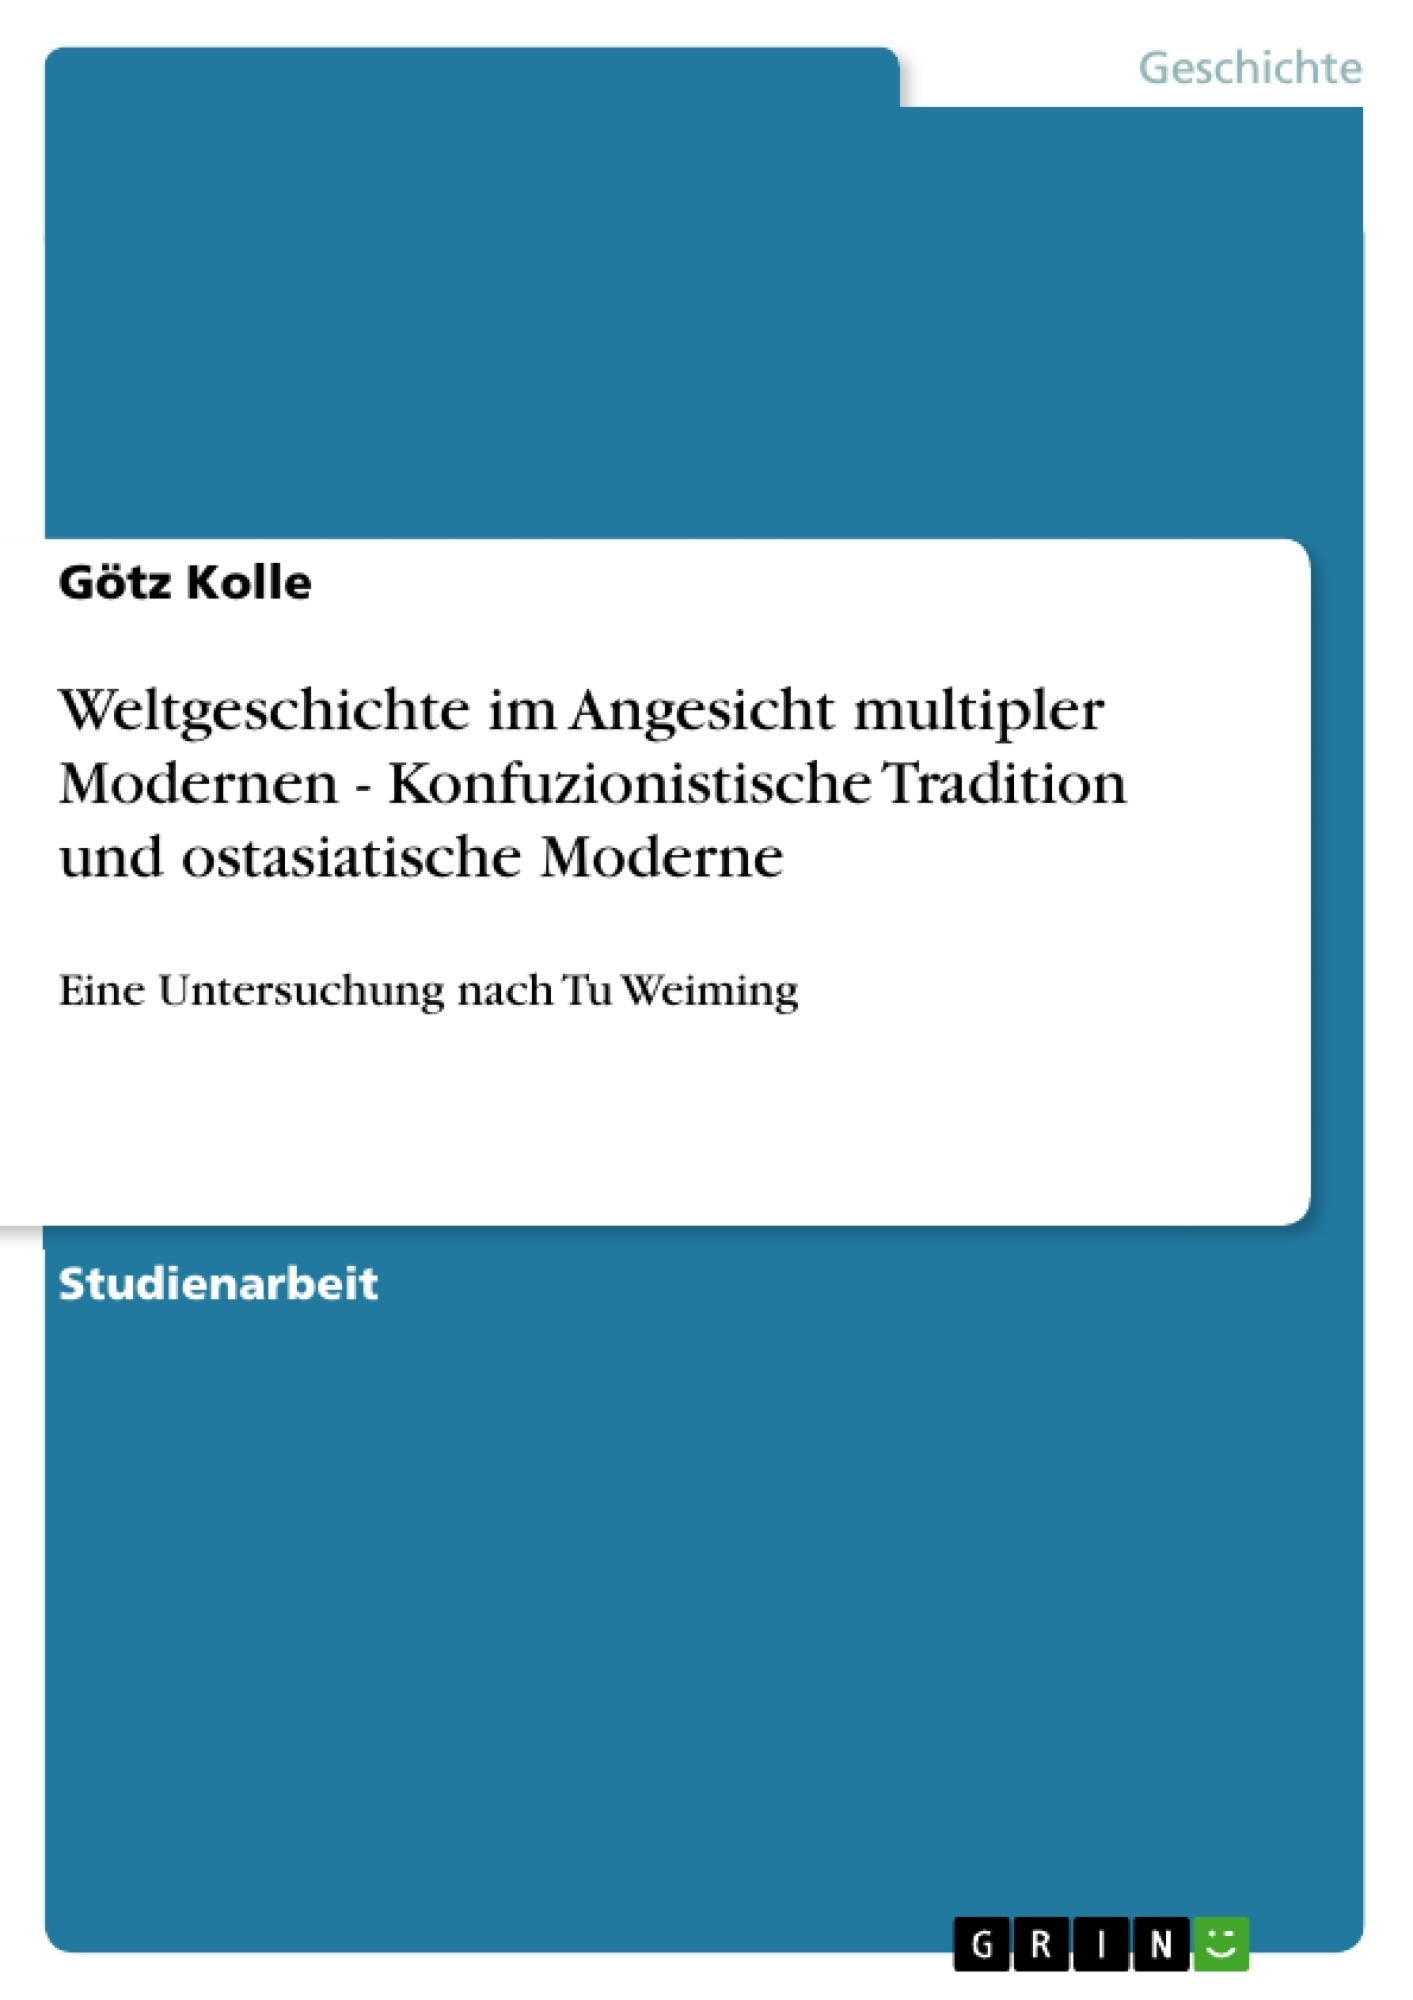 Titel: Weltgeschichte im Angesicht multipler Modernen - Konfuzionistische Tradition und ostasiatische Moderne